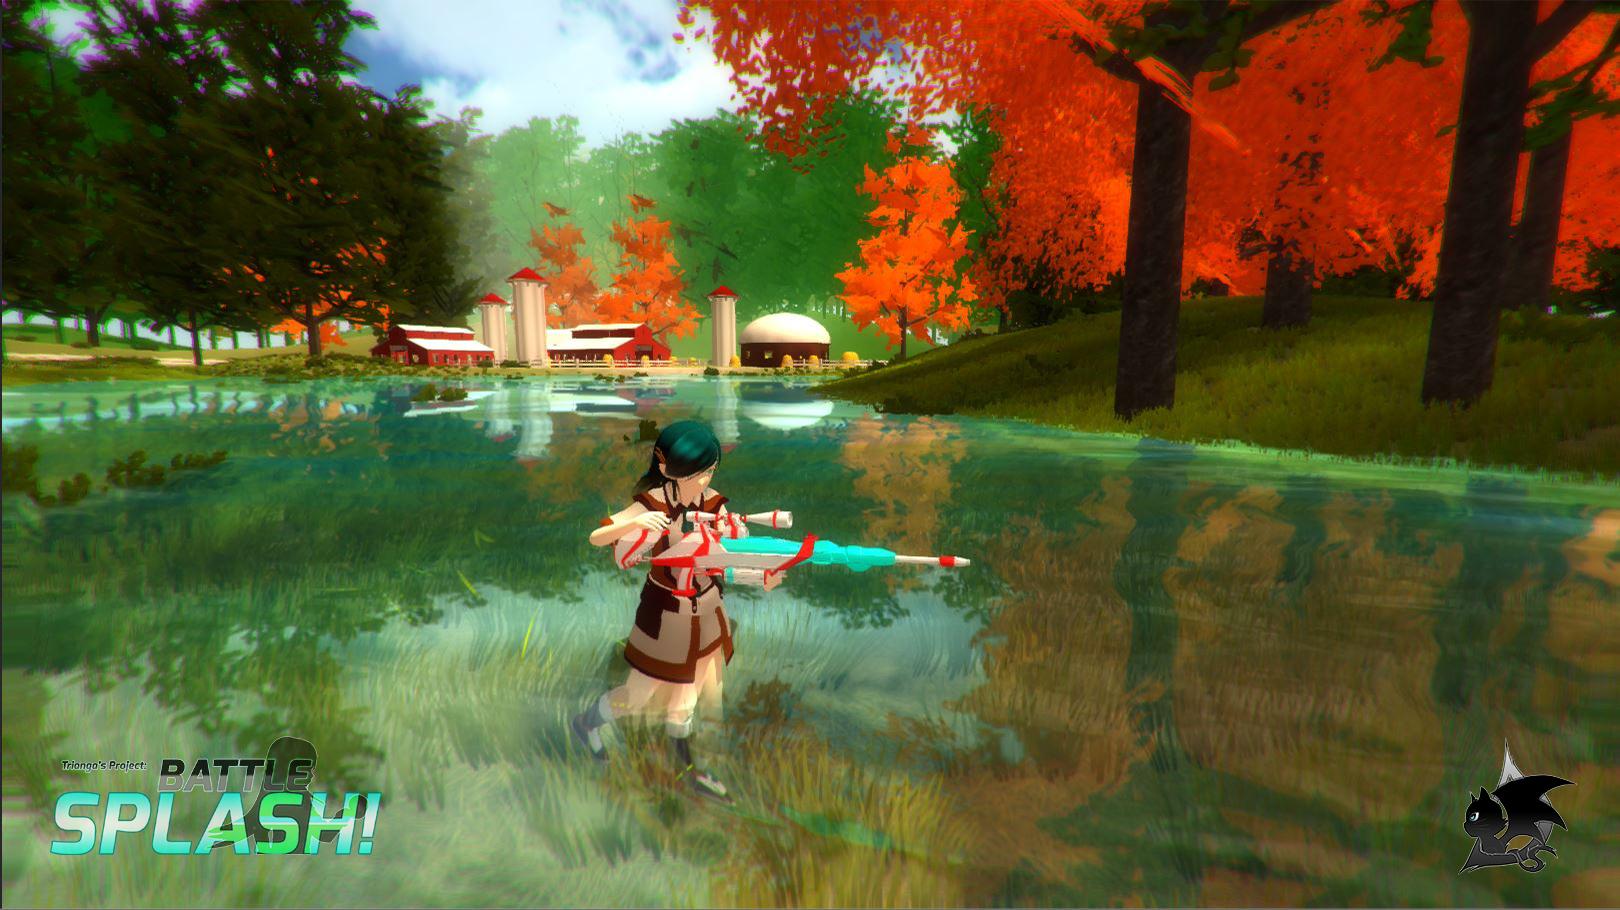 Battle Splash Comparison 5